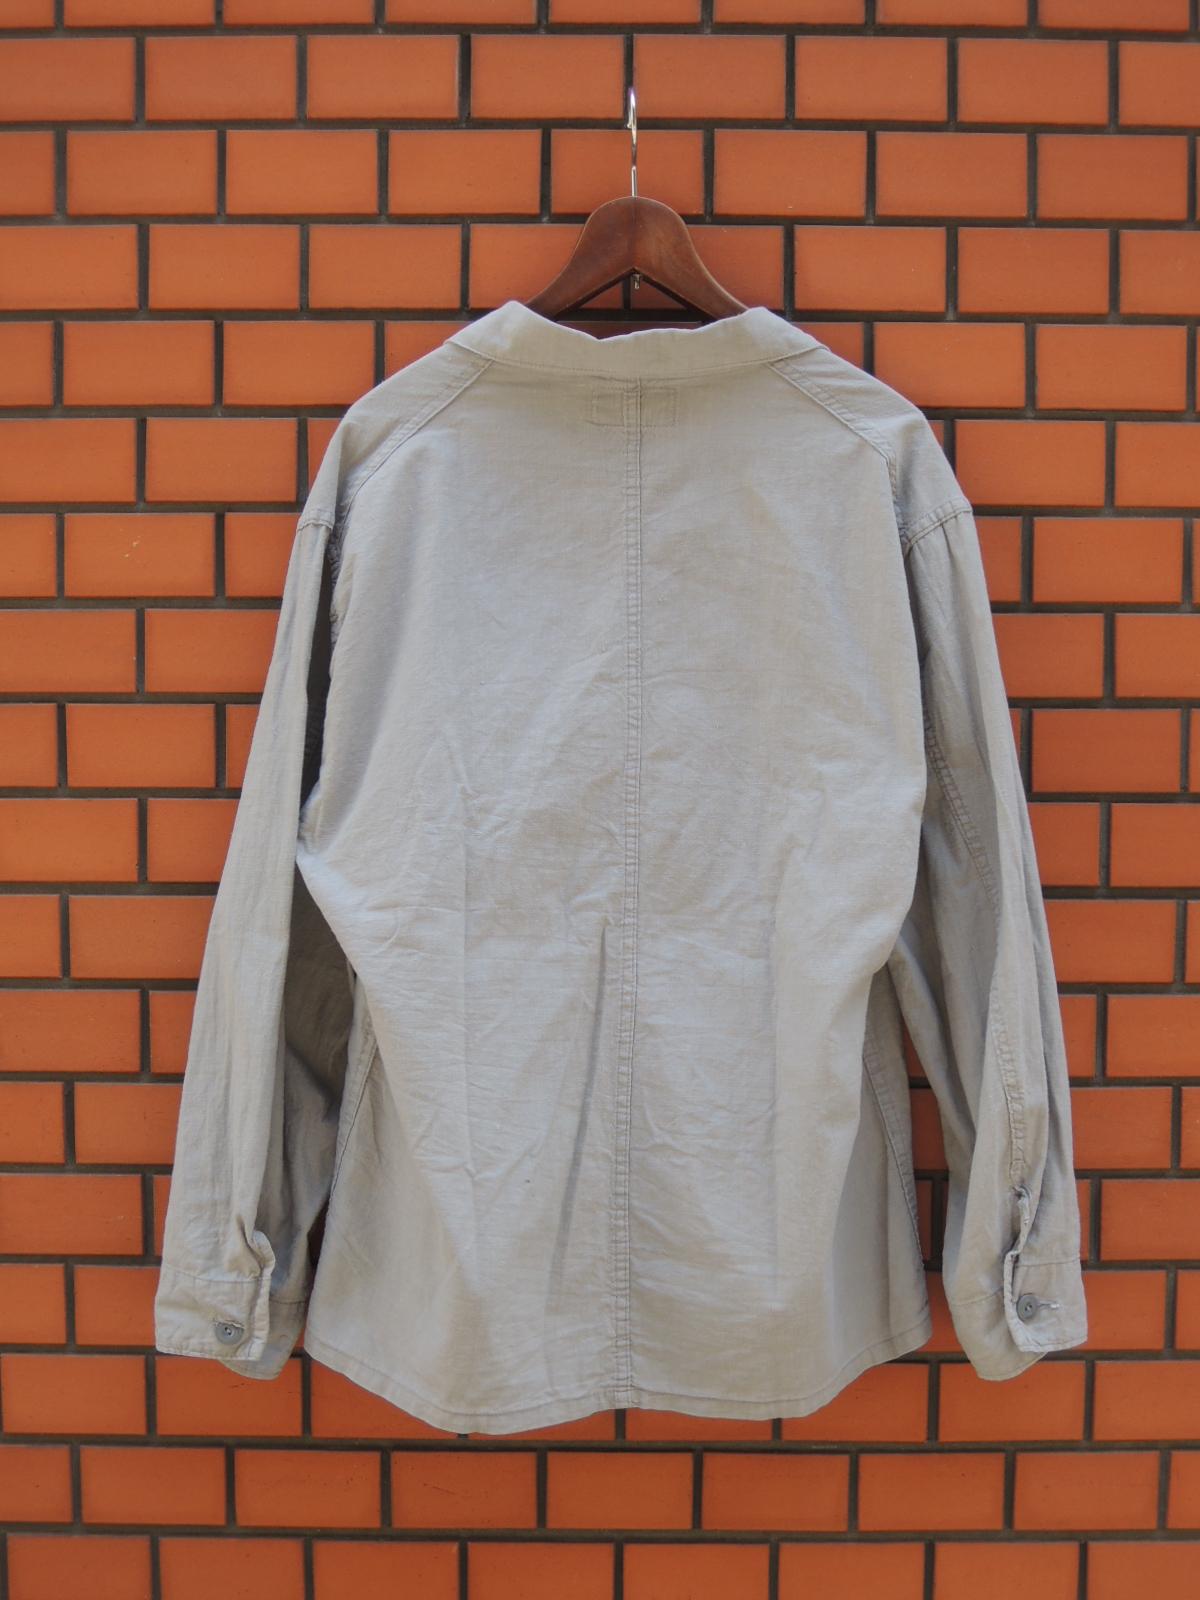 workjacket04.JPG